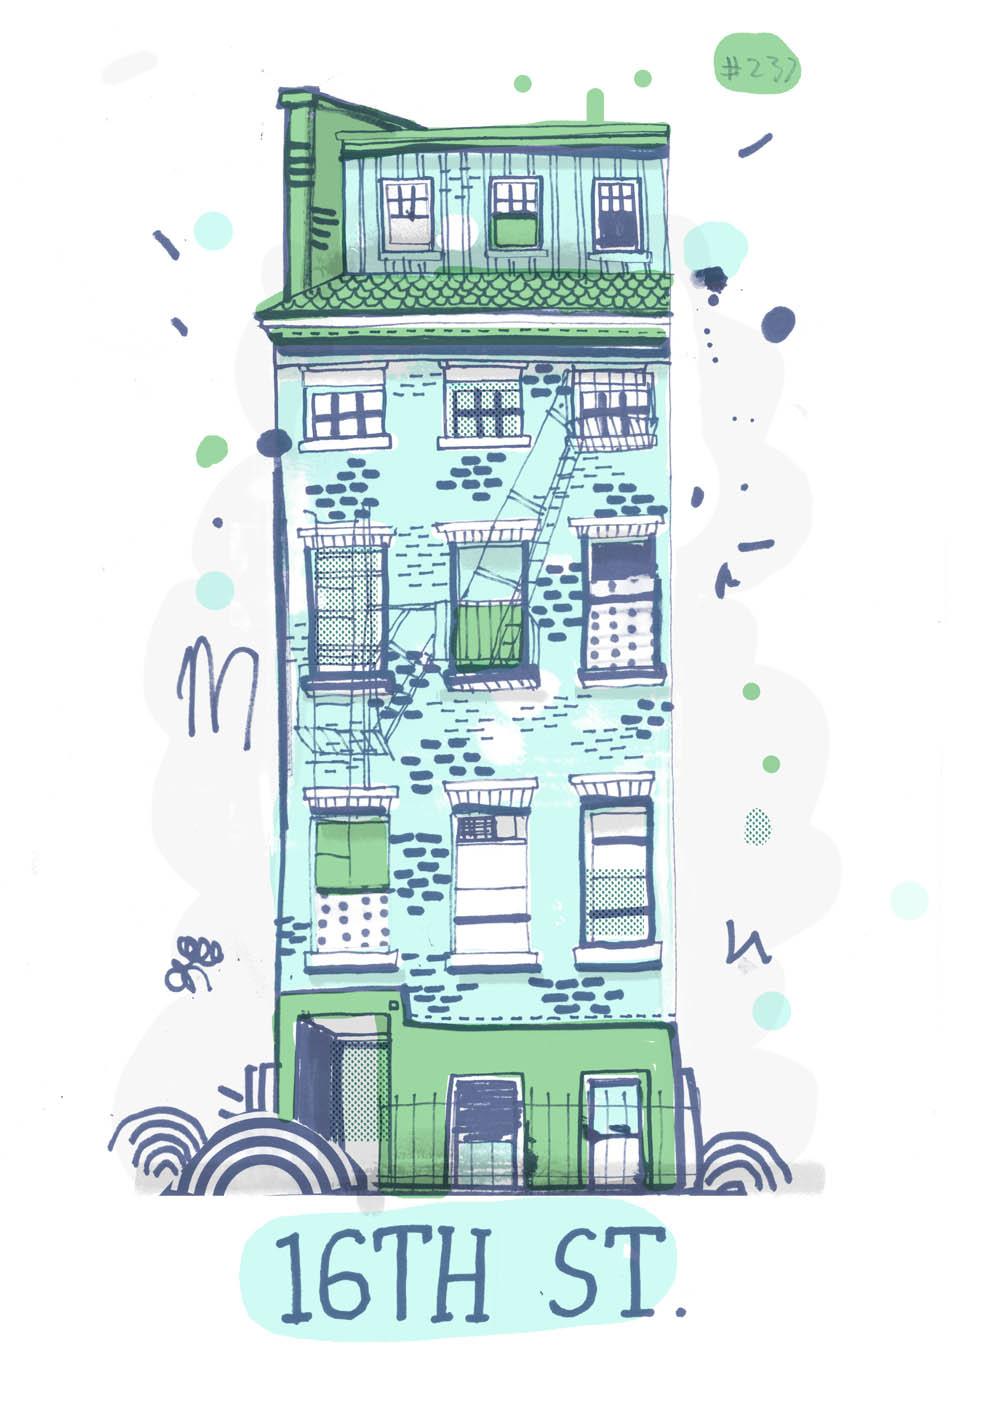 237 16th st. New York, NY, 10011